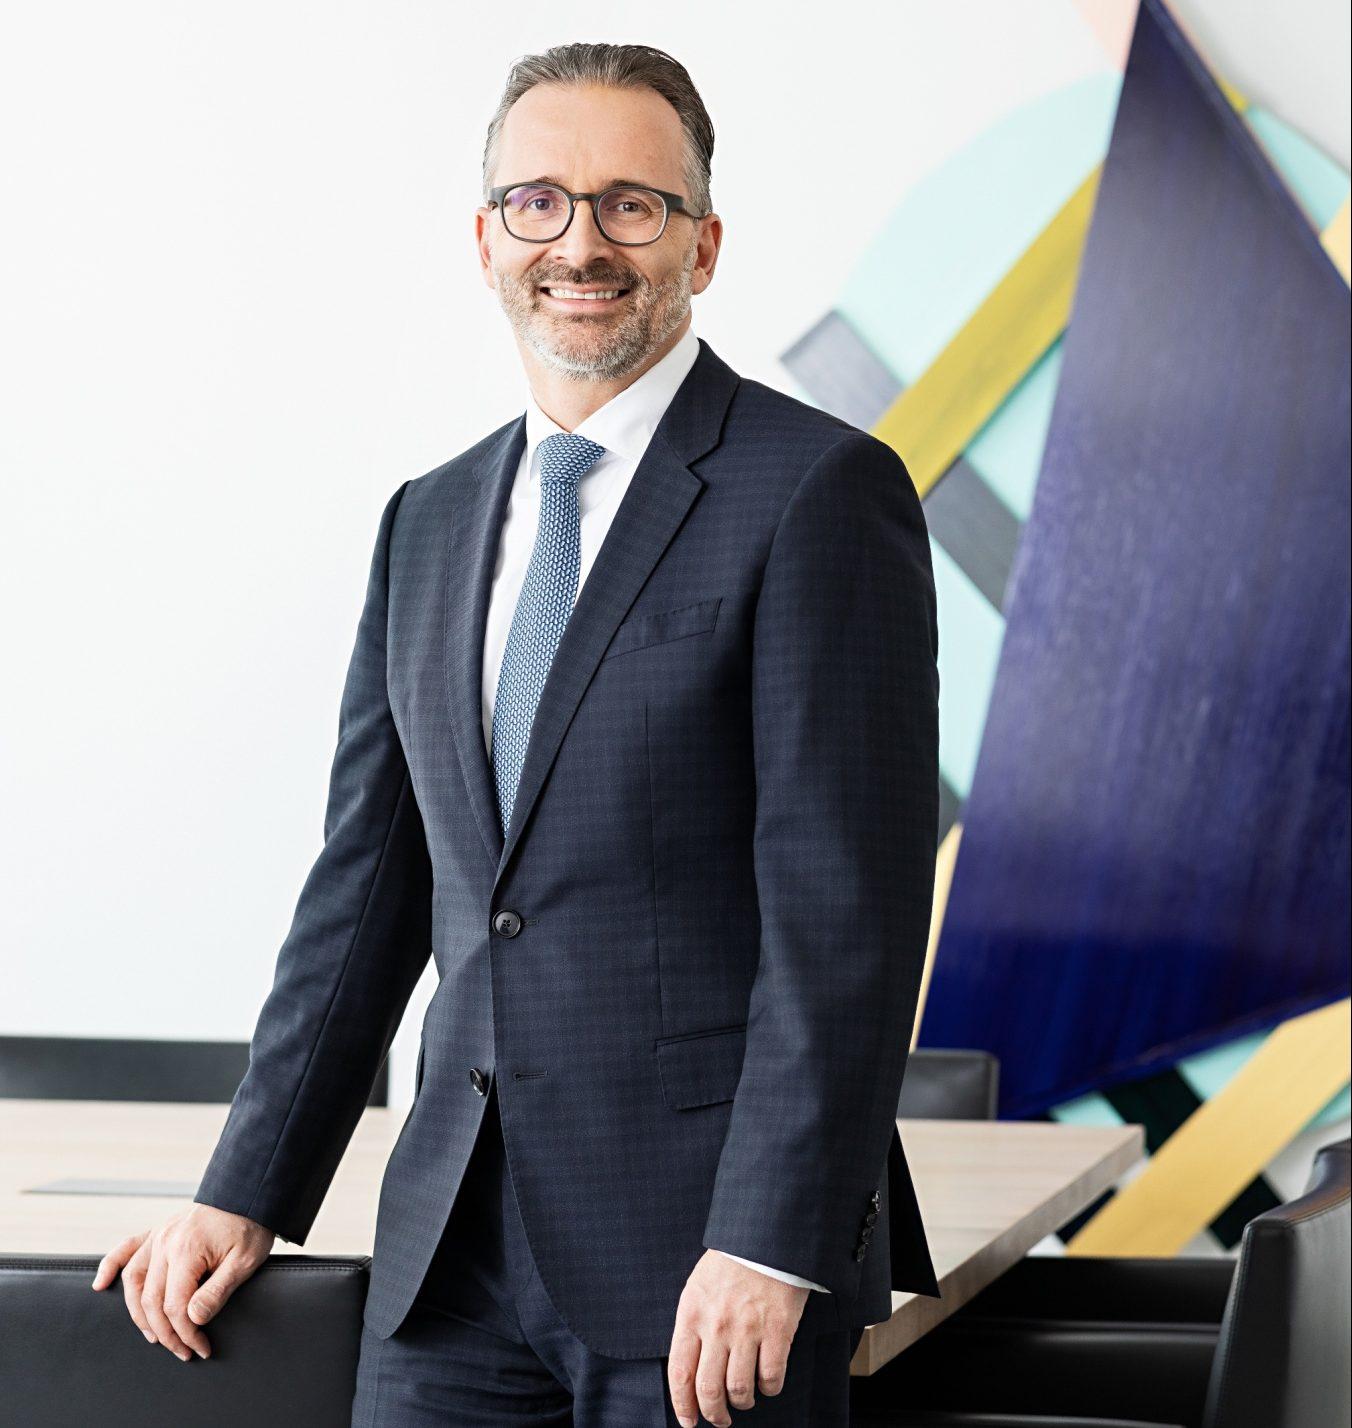 HENKEL CEO'SU CARSTEN KNOBEL: HENKEL, BÜYÜME PROGRAMINI HAYATA GEÇİRİYOR!